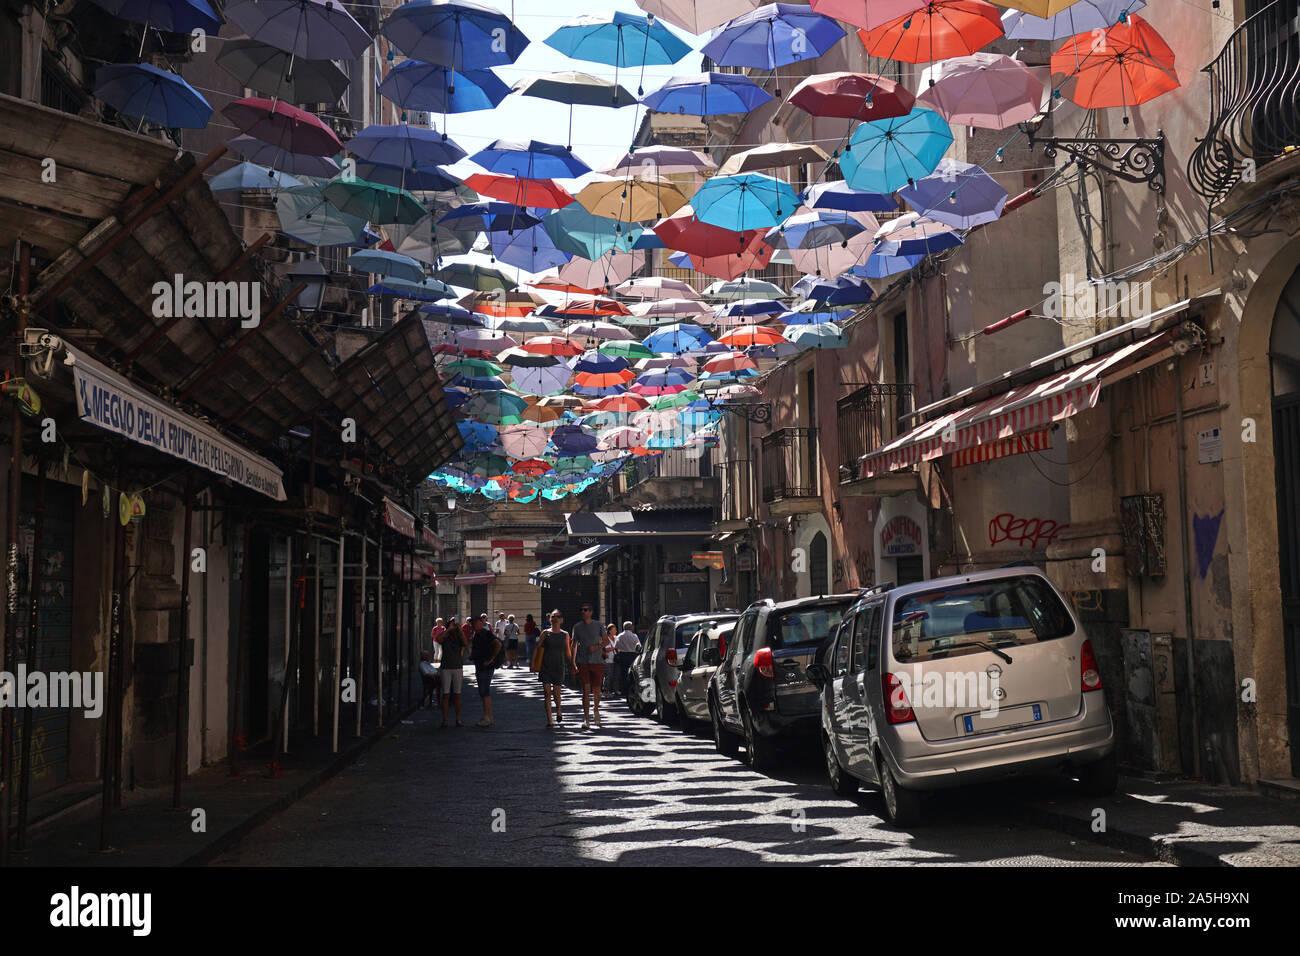 Las coloridas sombrillas del paraguas del proyecto de cielo en Via Gisira y Via Pardo, Catania, Italia Sicly Foto de stock